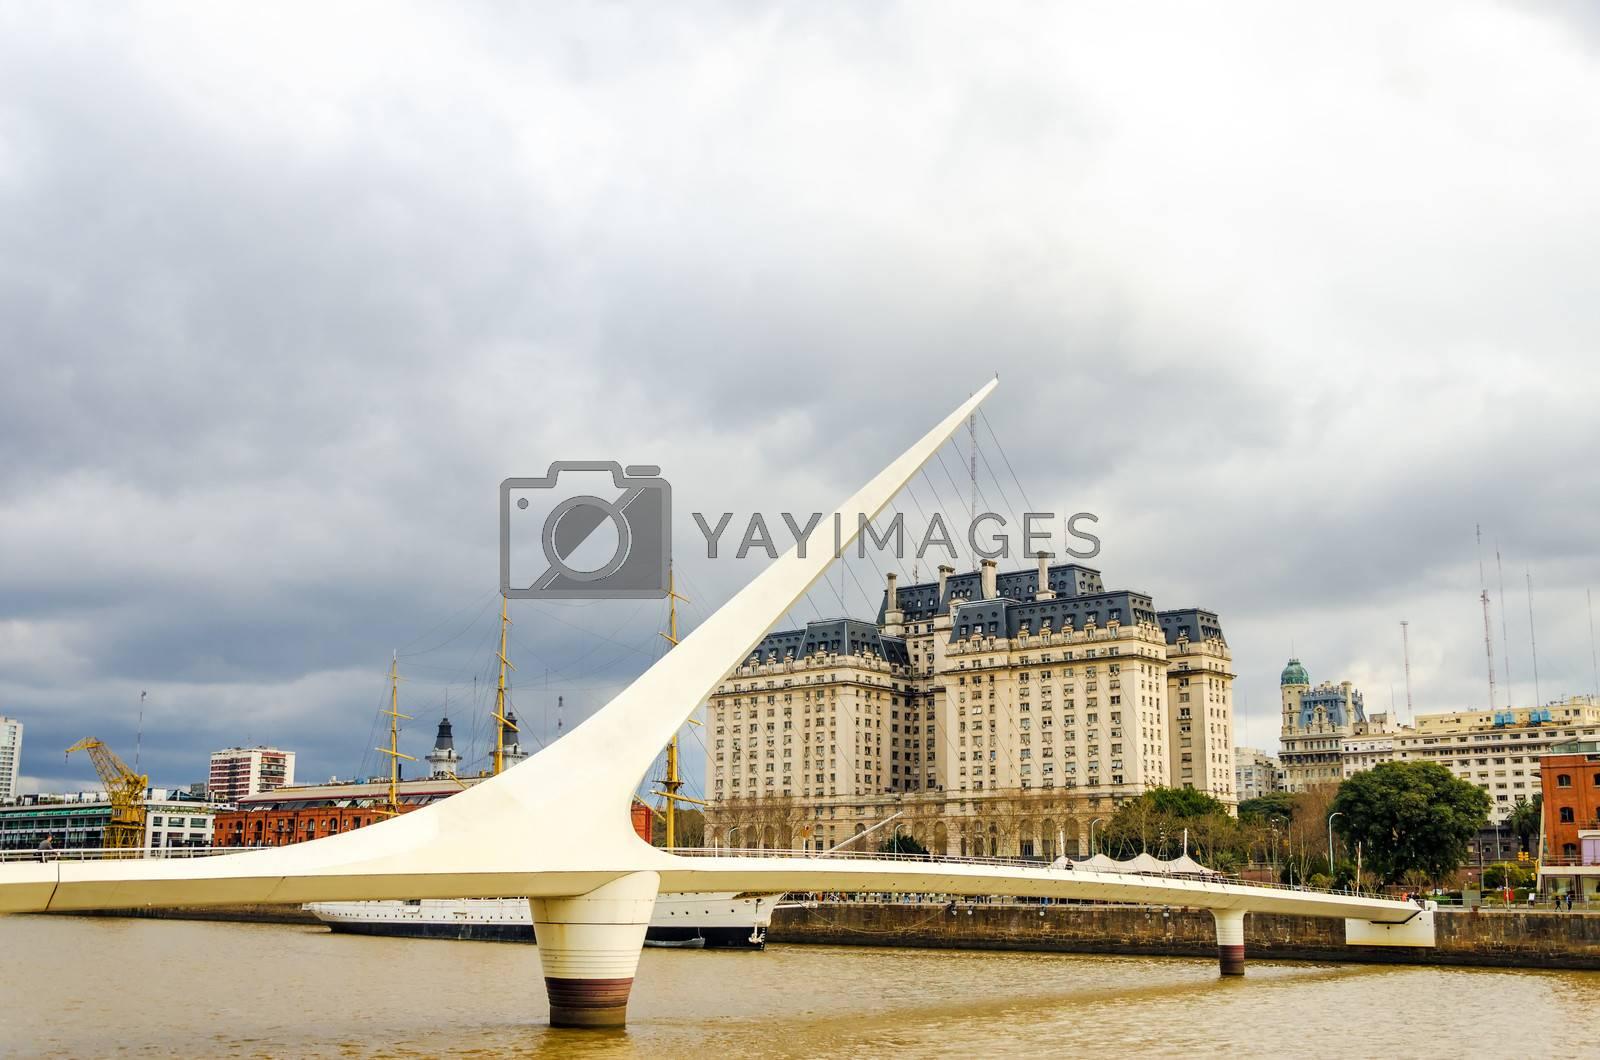 Women's bridge in Puerto Madero neighborhood of Buenos Aires, Argentina